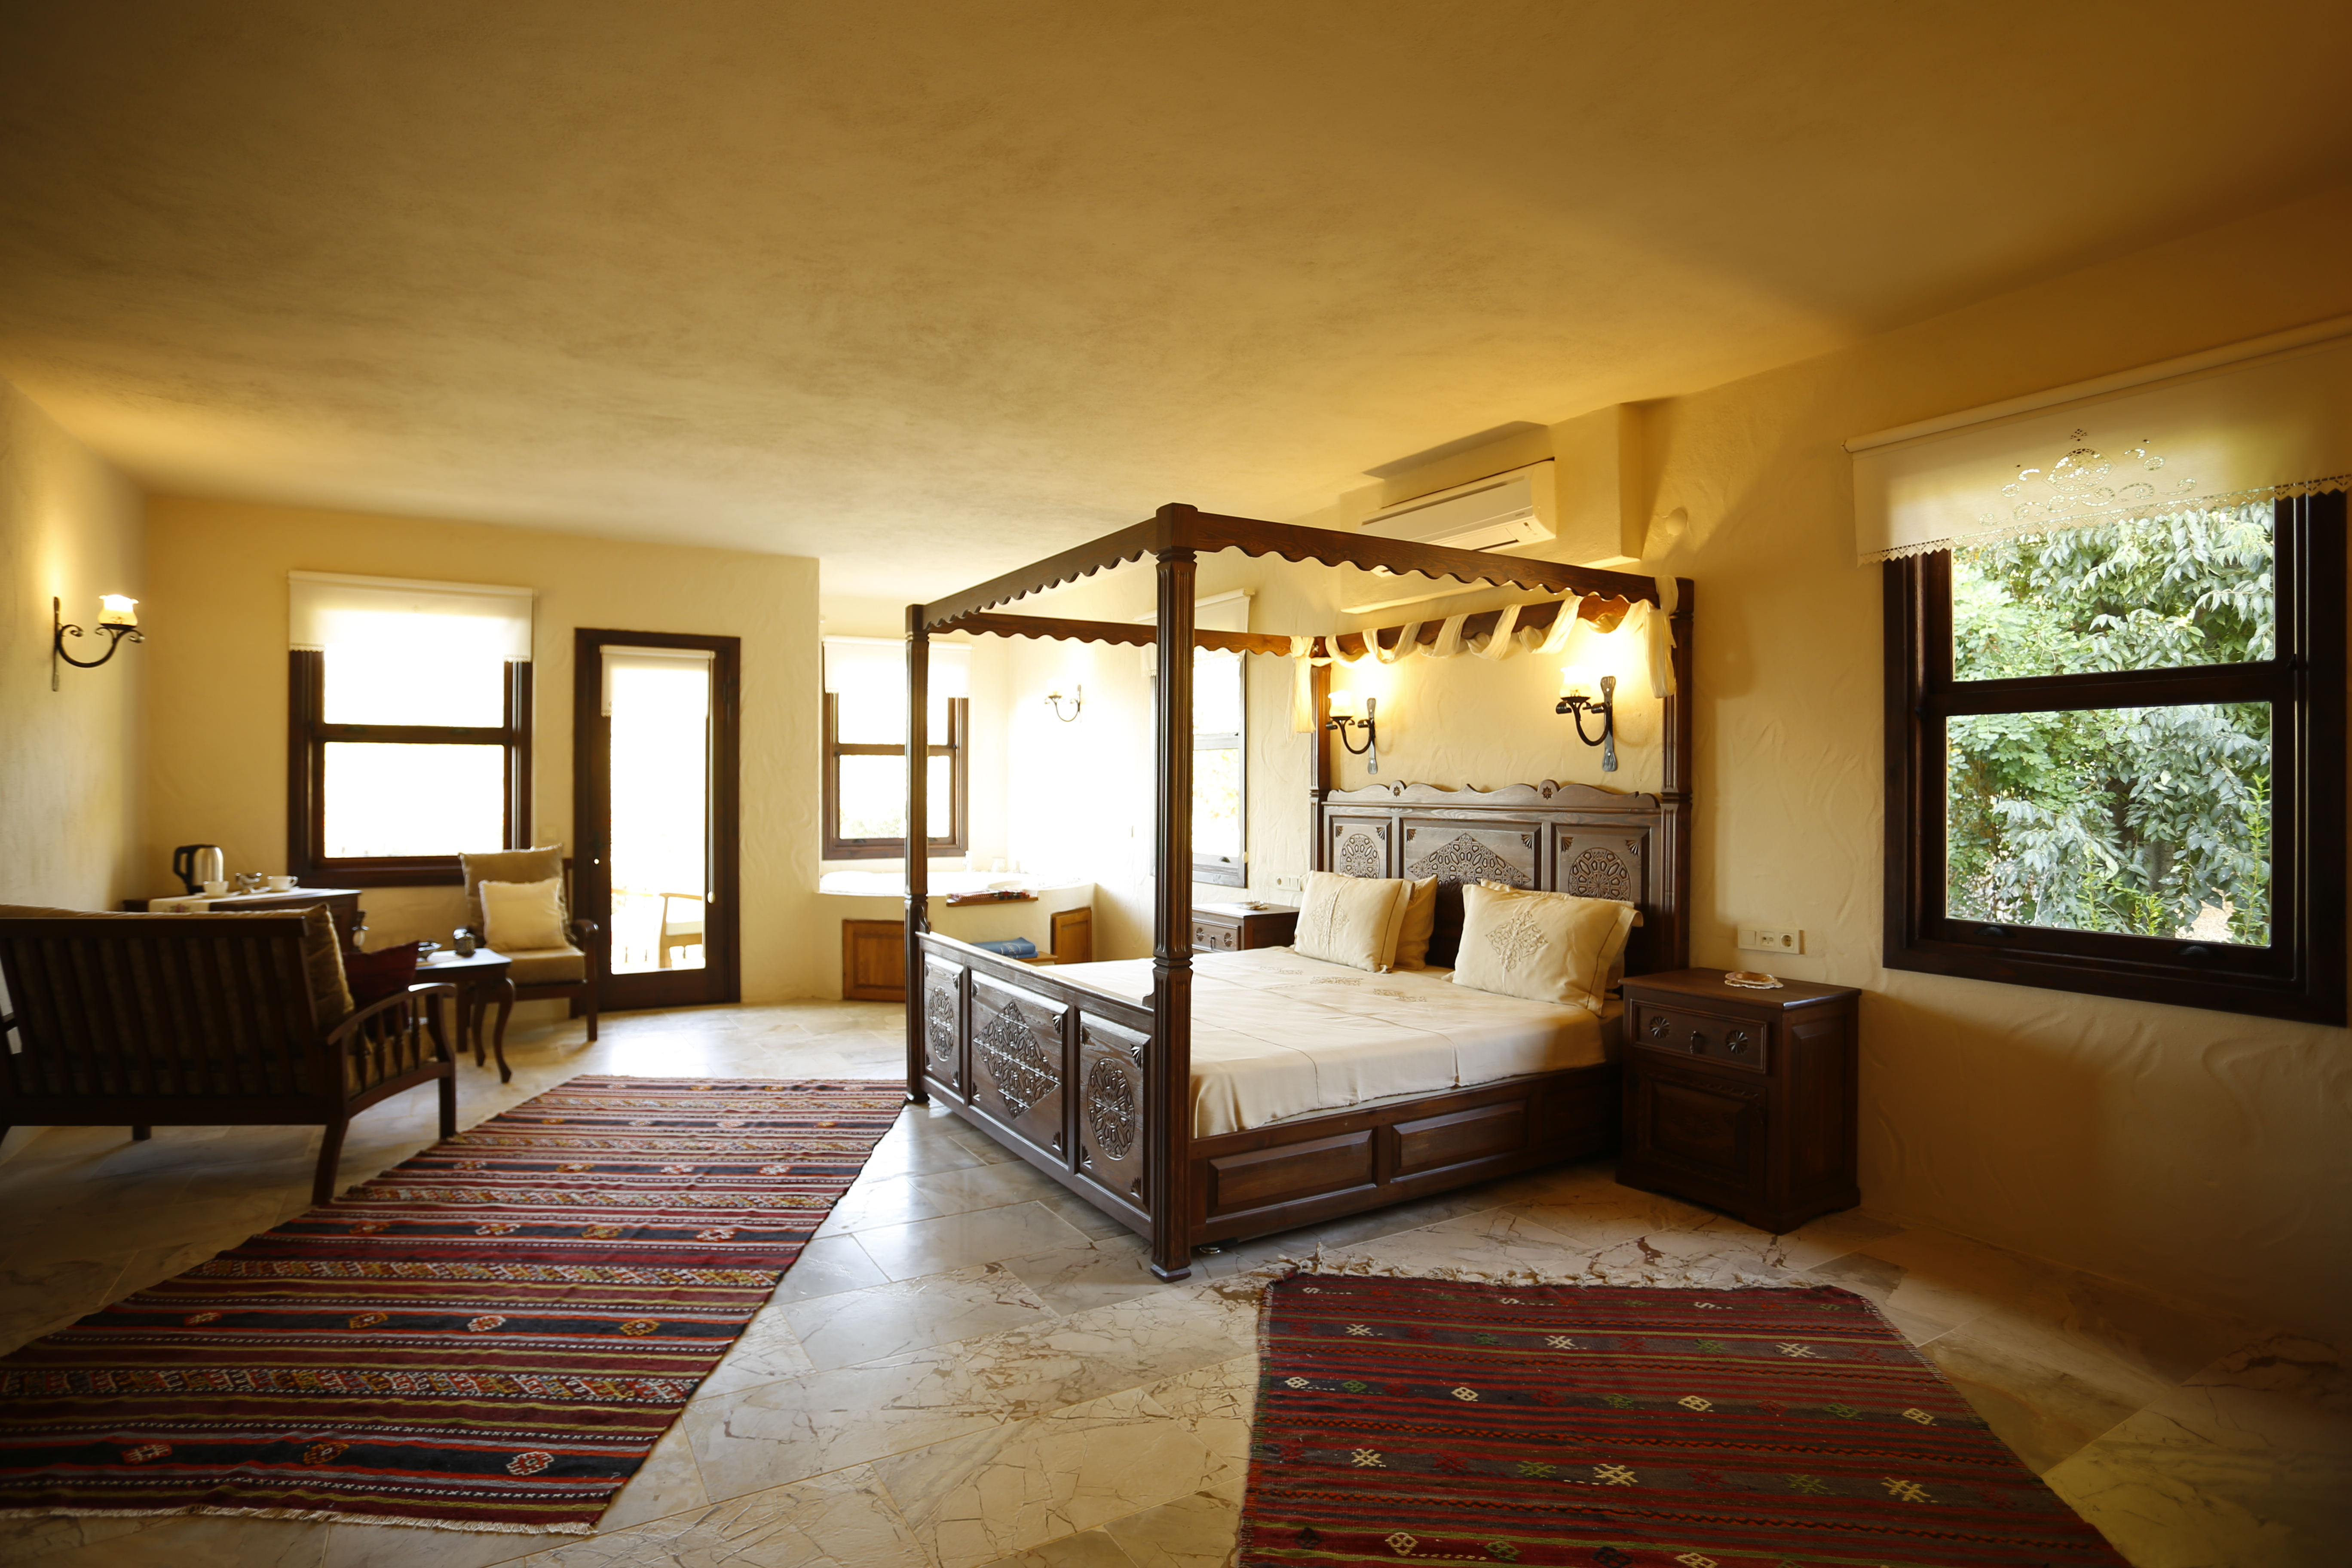 Appartement de vacances Luxuriöse Unterkunft und persönliches Ambiente in unzerstörter Natur. (2124814), Fethiye, , Région Egéenne, Turquie, image 8